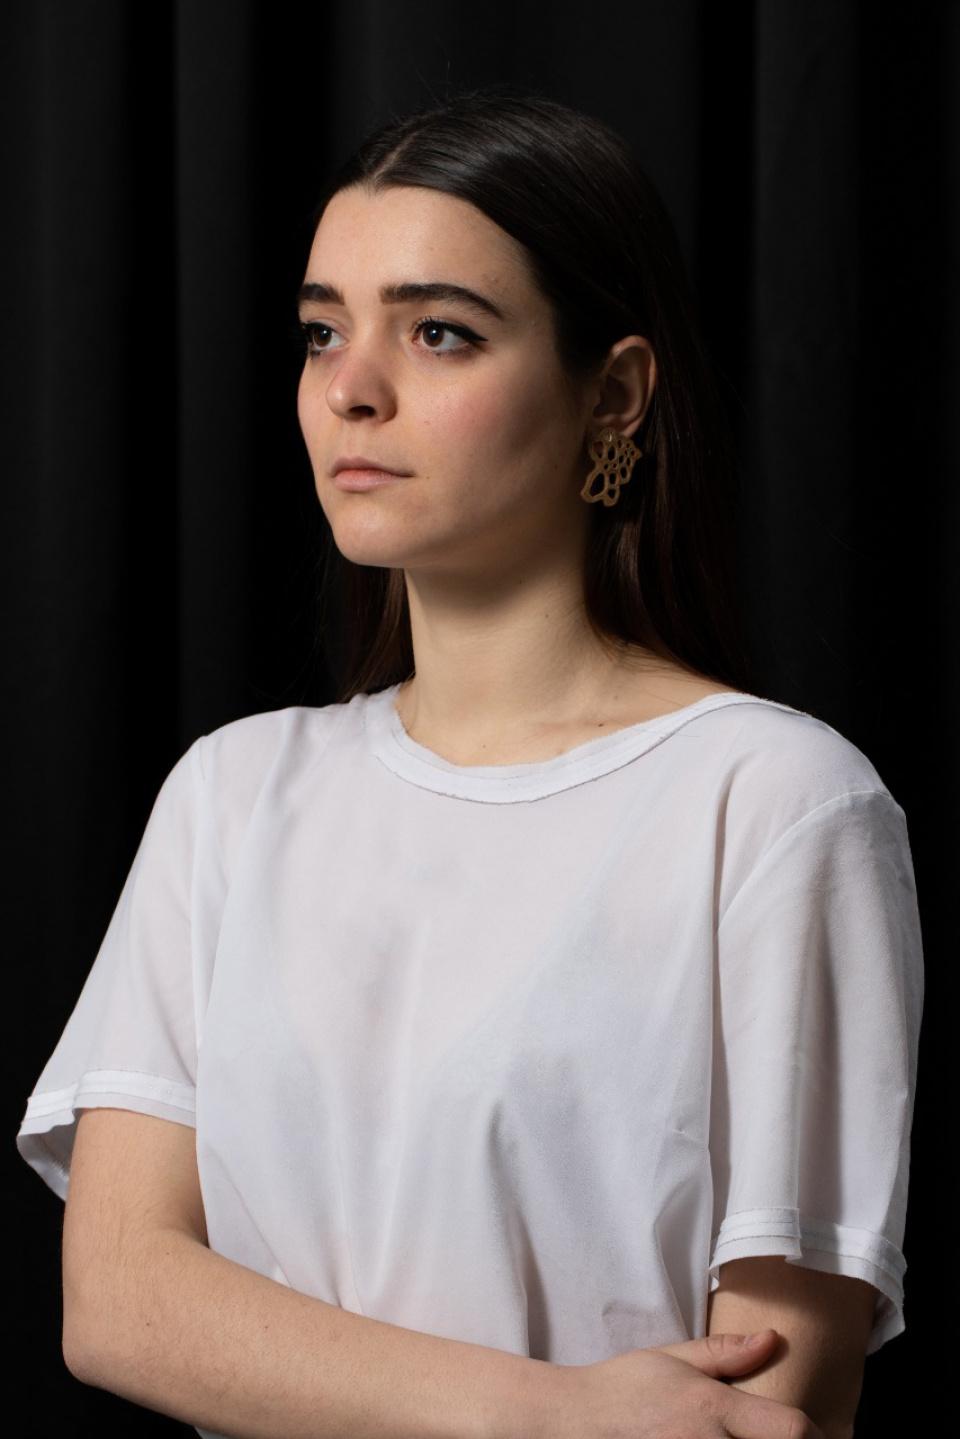 Martina Negroni